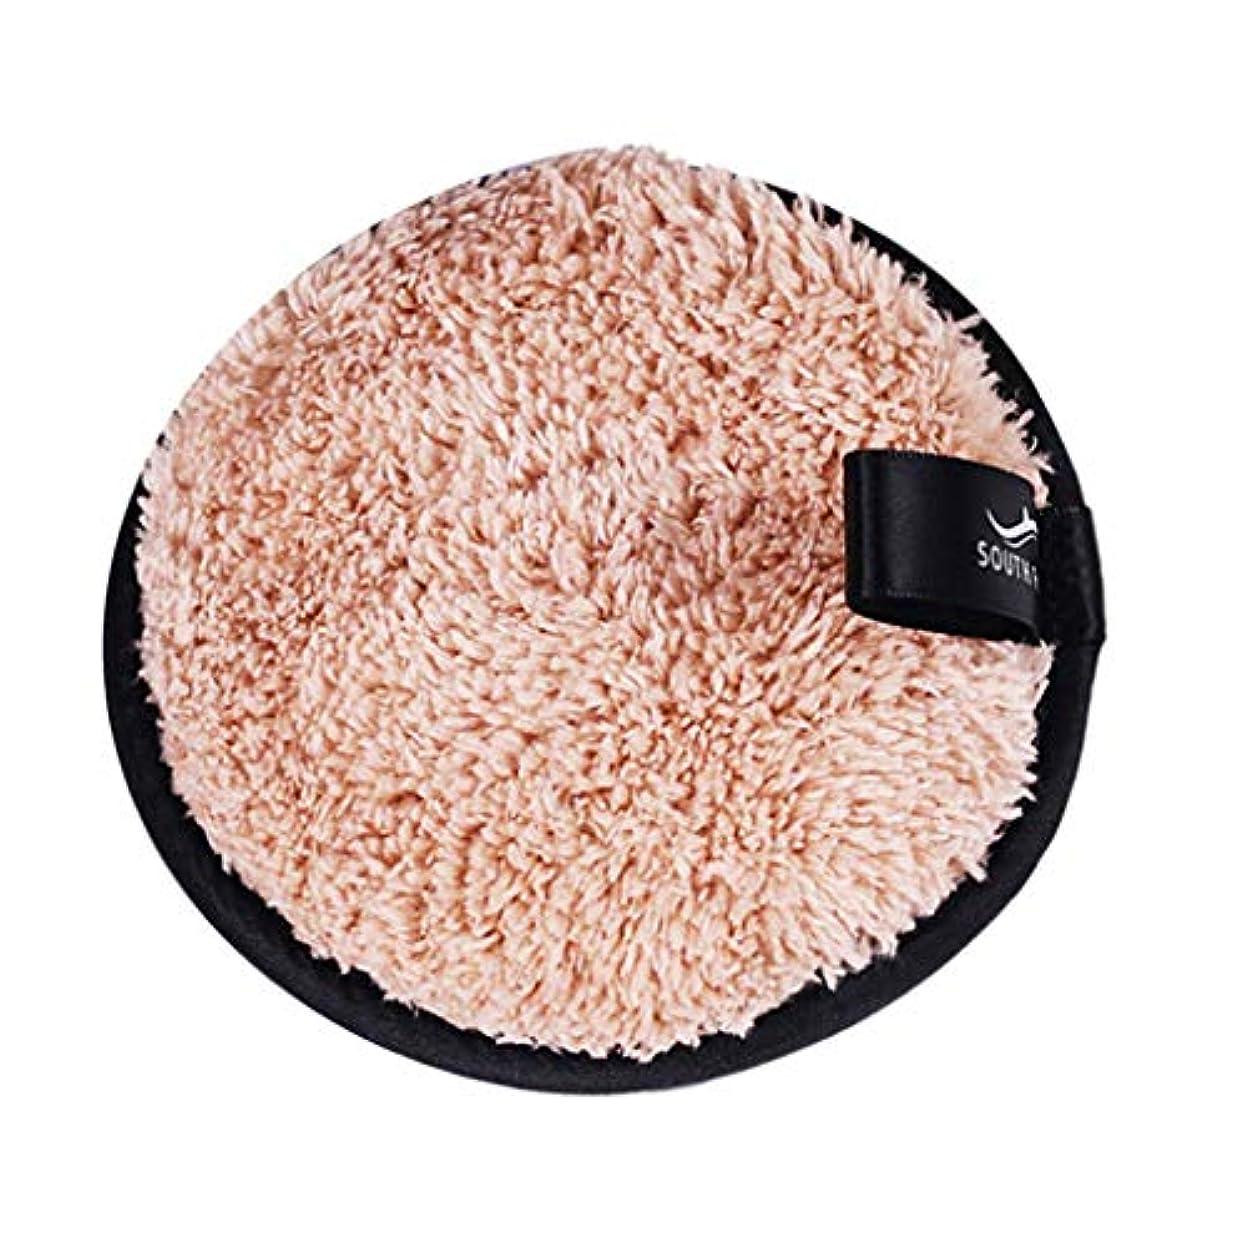 敬の念申し立てられたタイプライターFLAMEER メイクリムーバーパッド 化粧品 フェイシャル クレンジング パフ スポンジ 3色選べ - 褐色